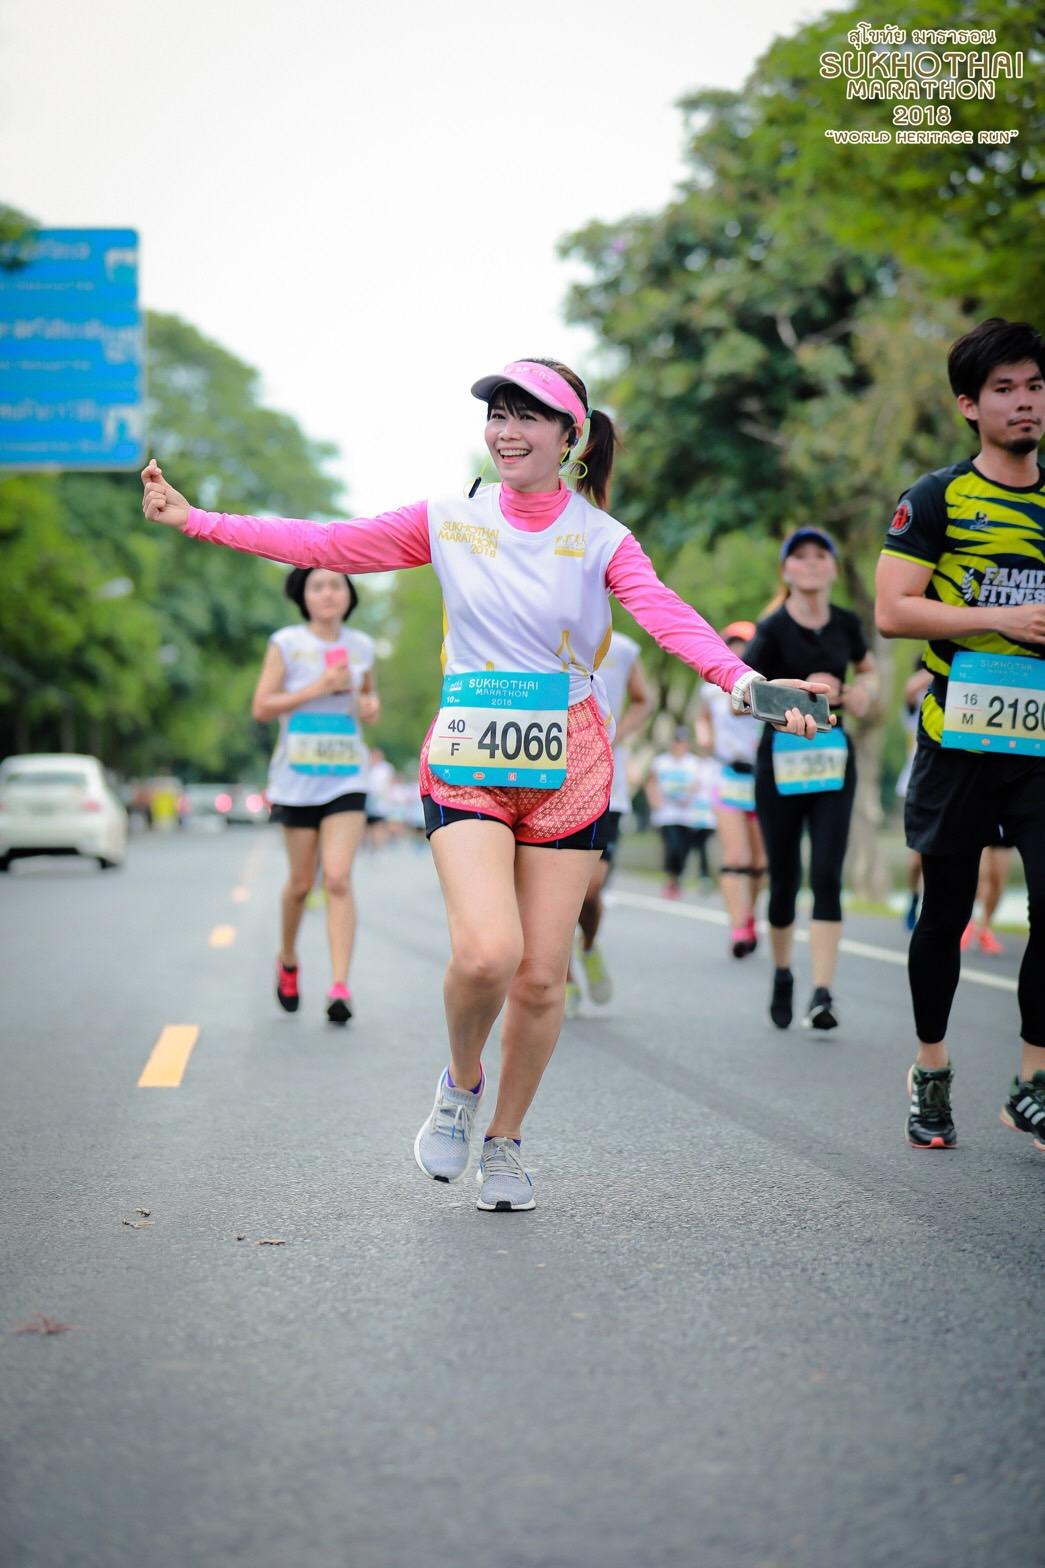 รีวิววิ่งแข่งมาราธอนลูกค้าสวมใส่เสื้อรัดกล้ามเนื้อ